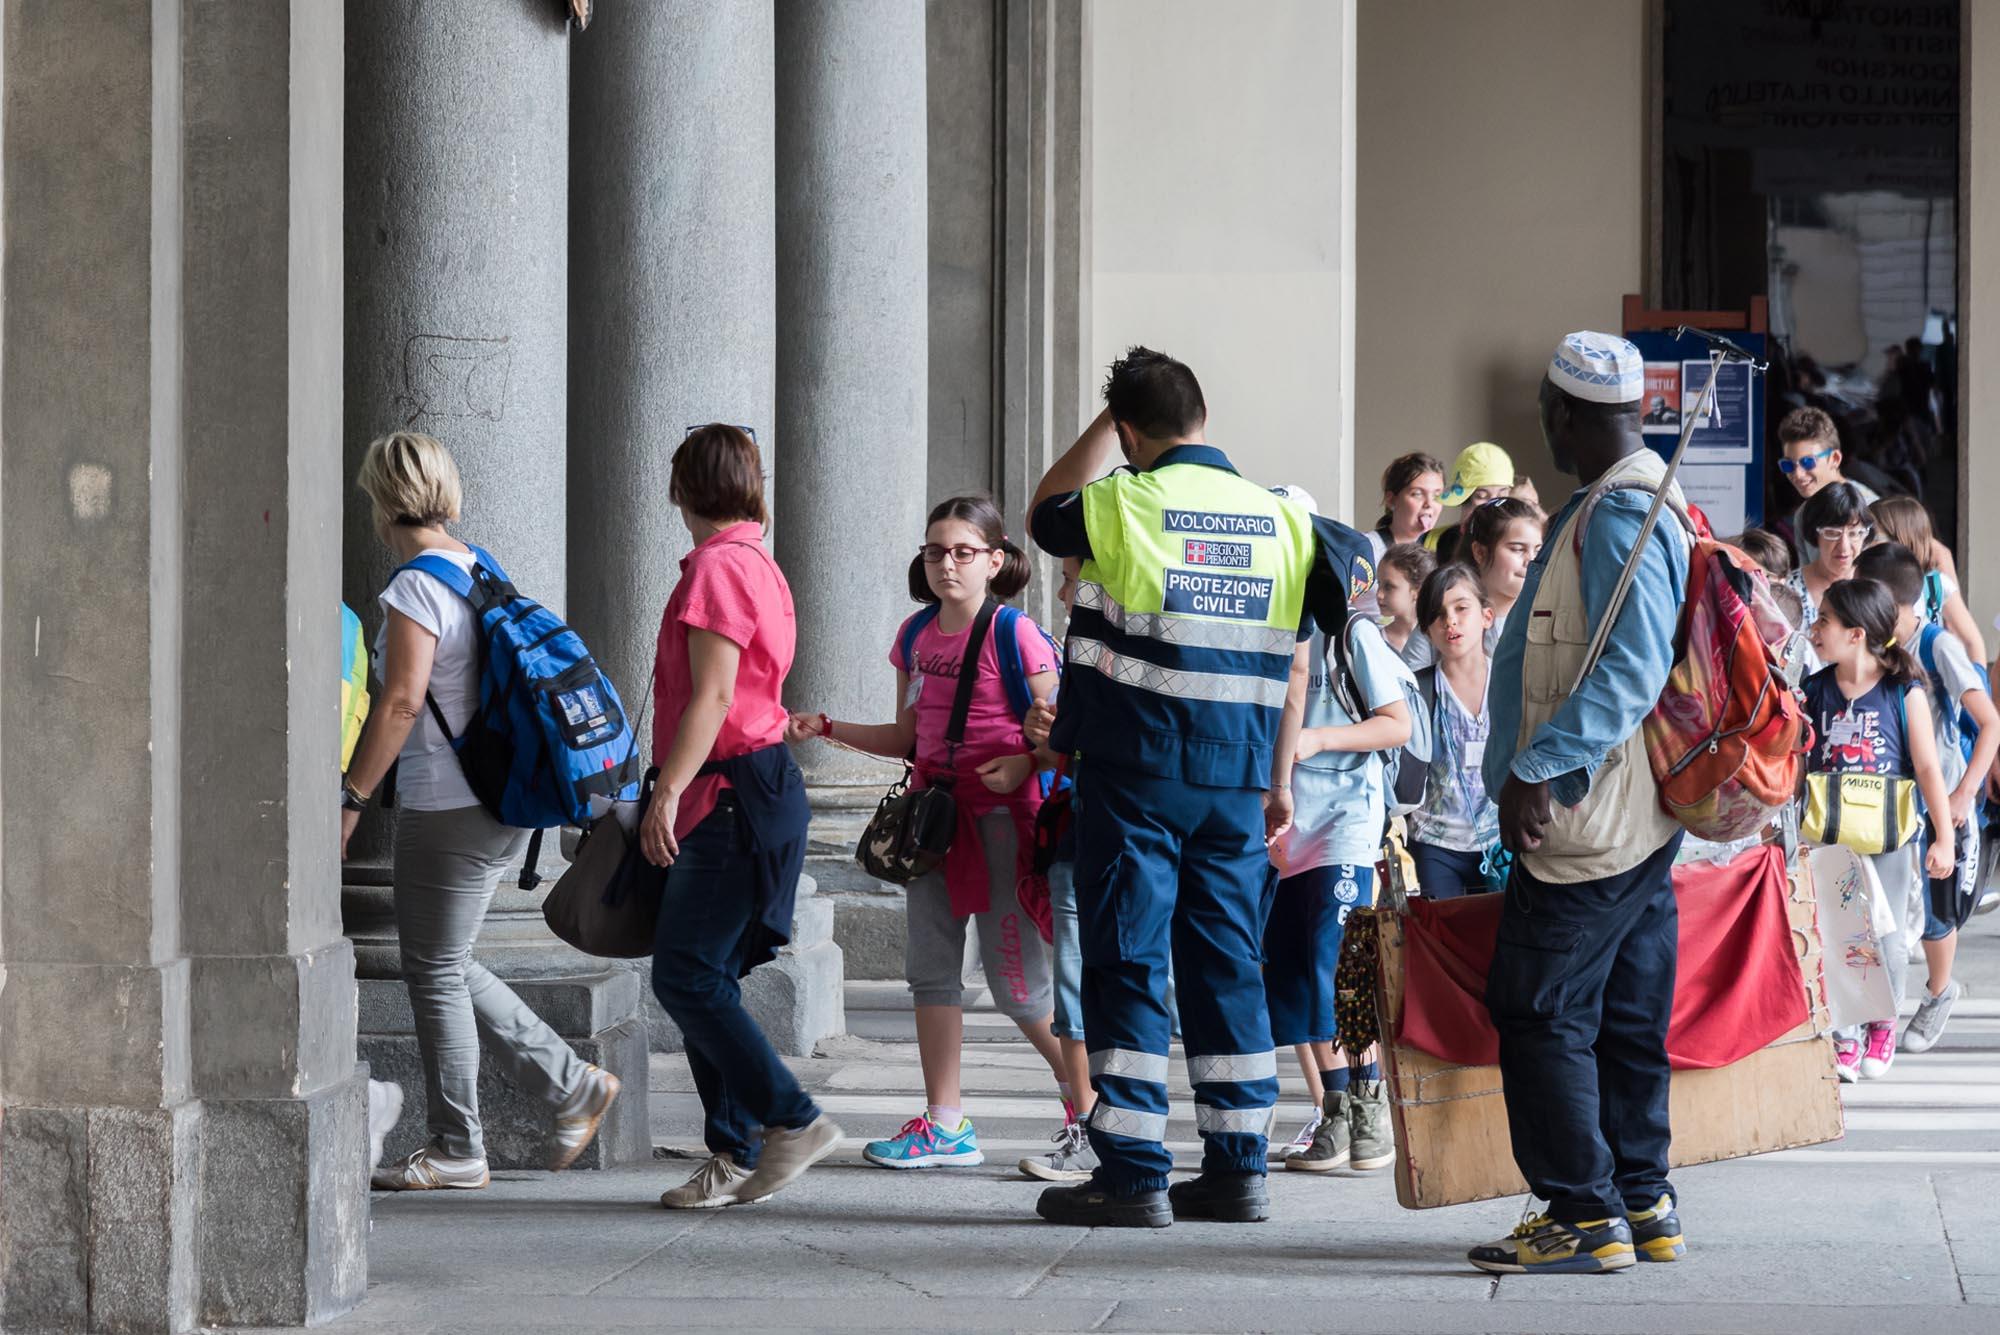 0726 Volontari durante una manifestazione pubblica religiosa - Ostensione della Sindone